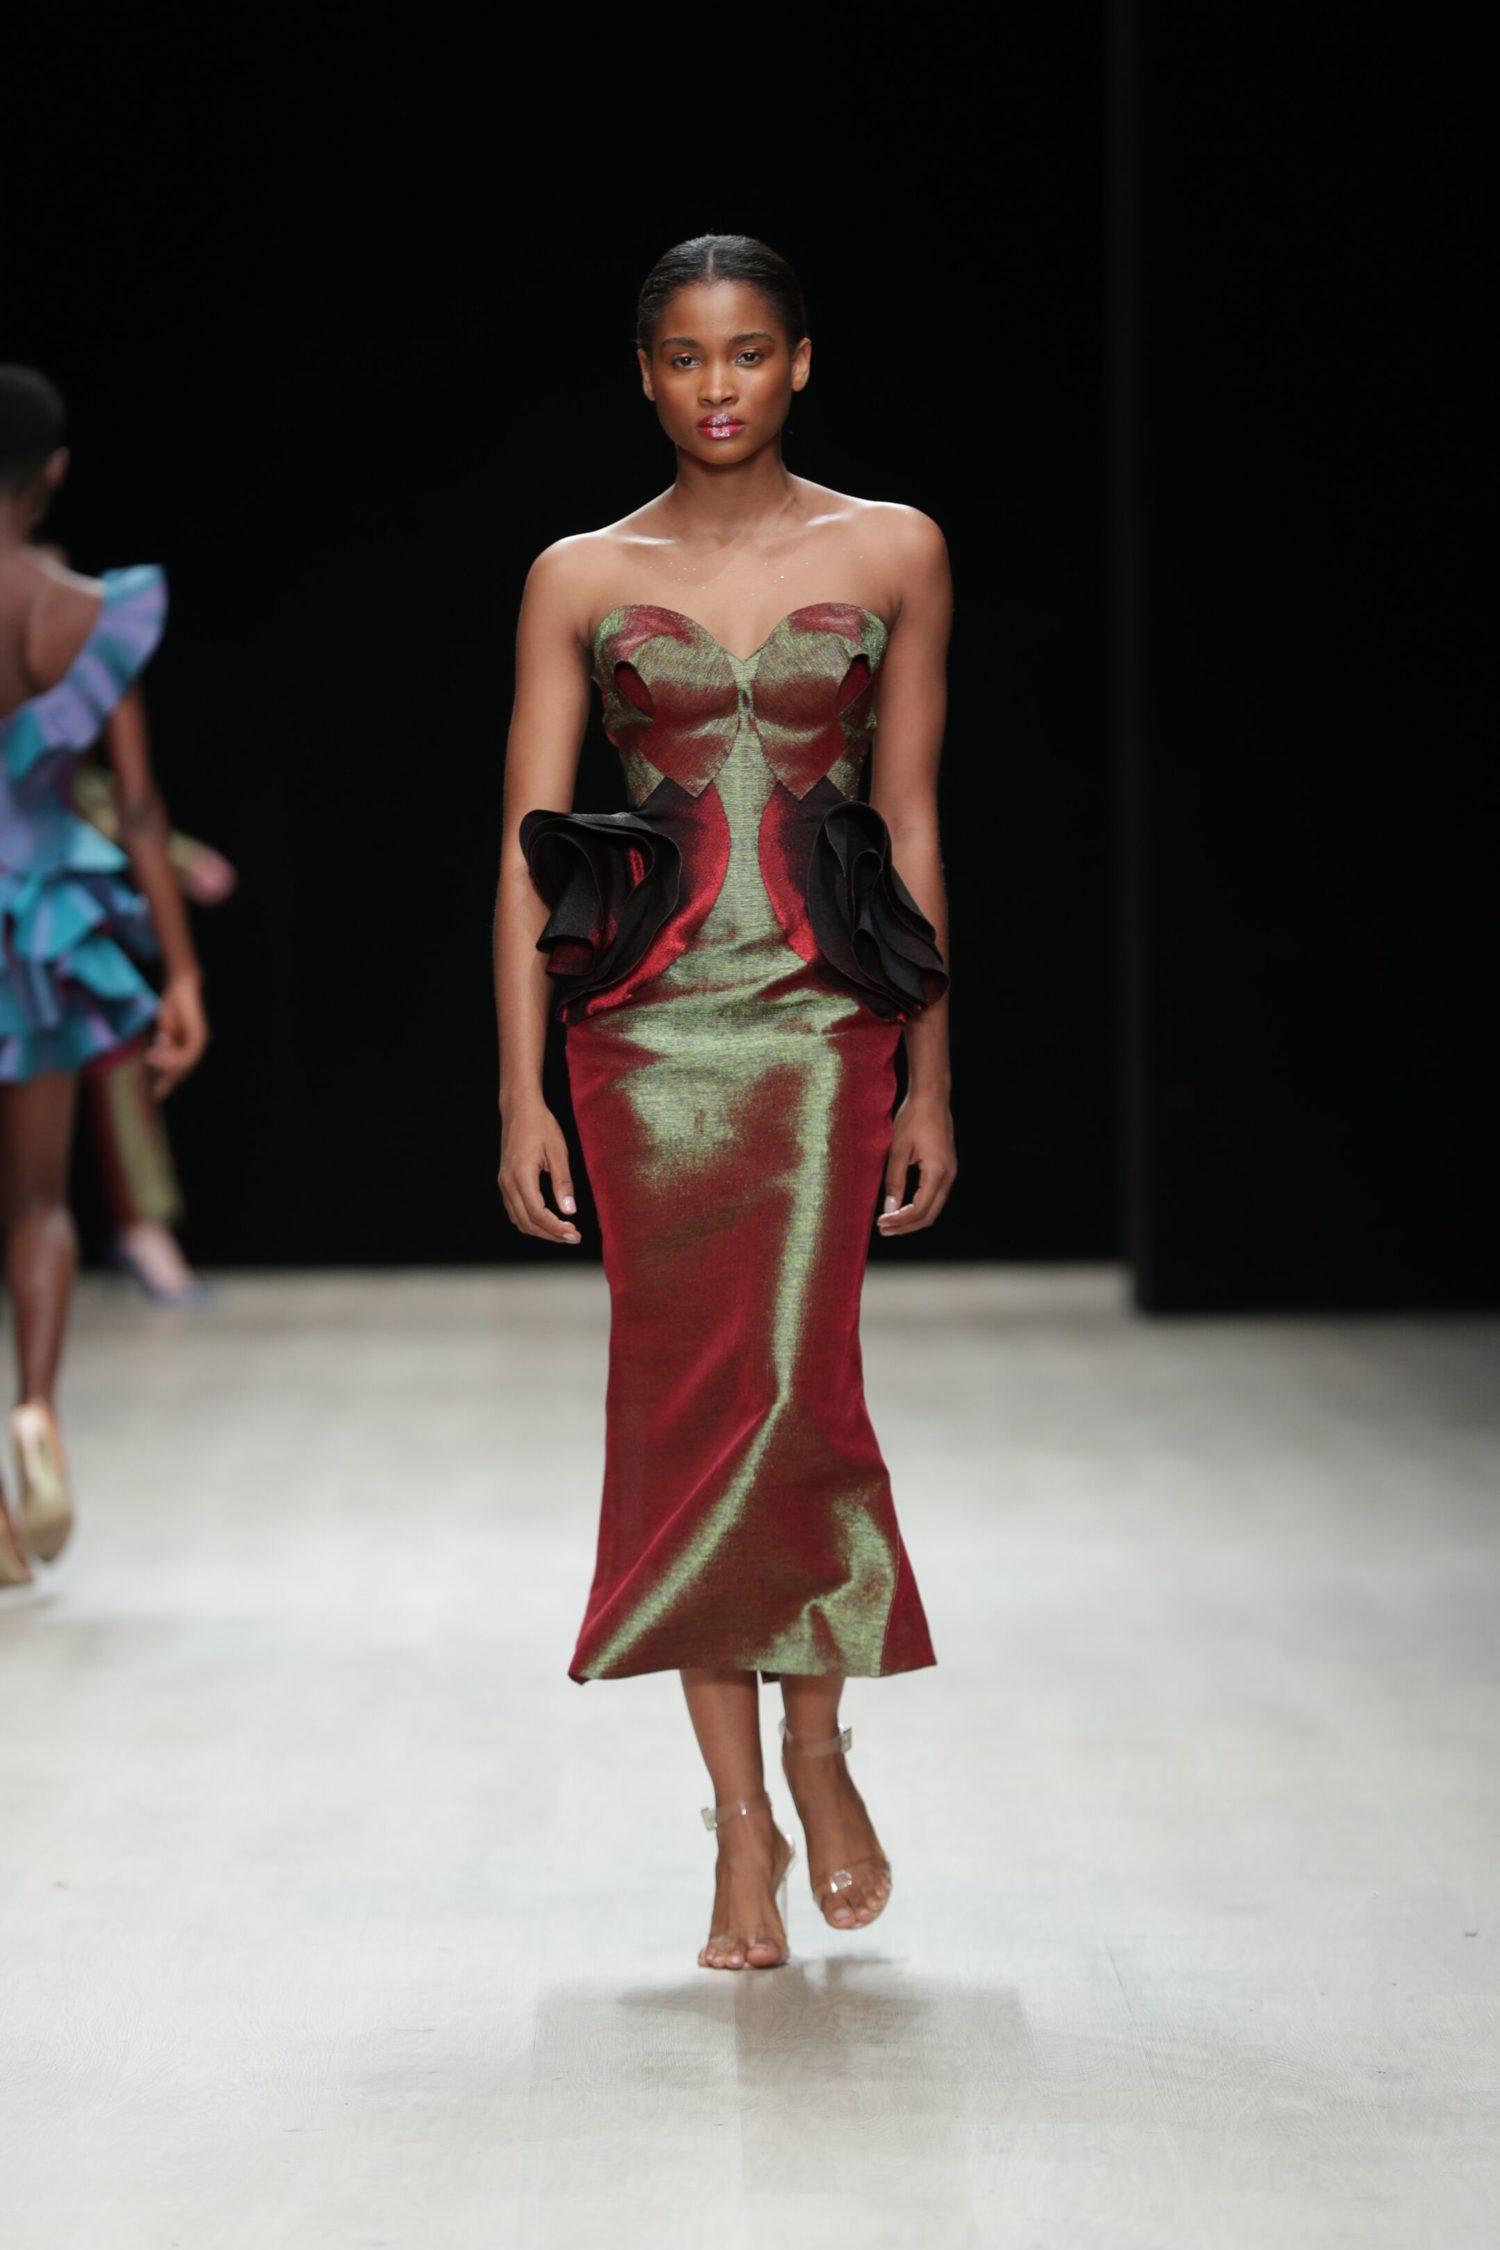 ARISE Fashion Week 2019 | Deola Sagoe